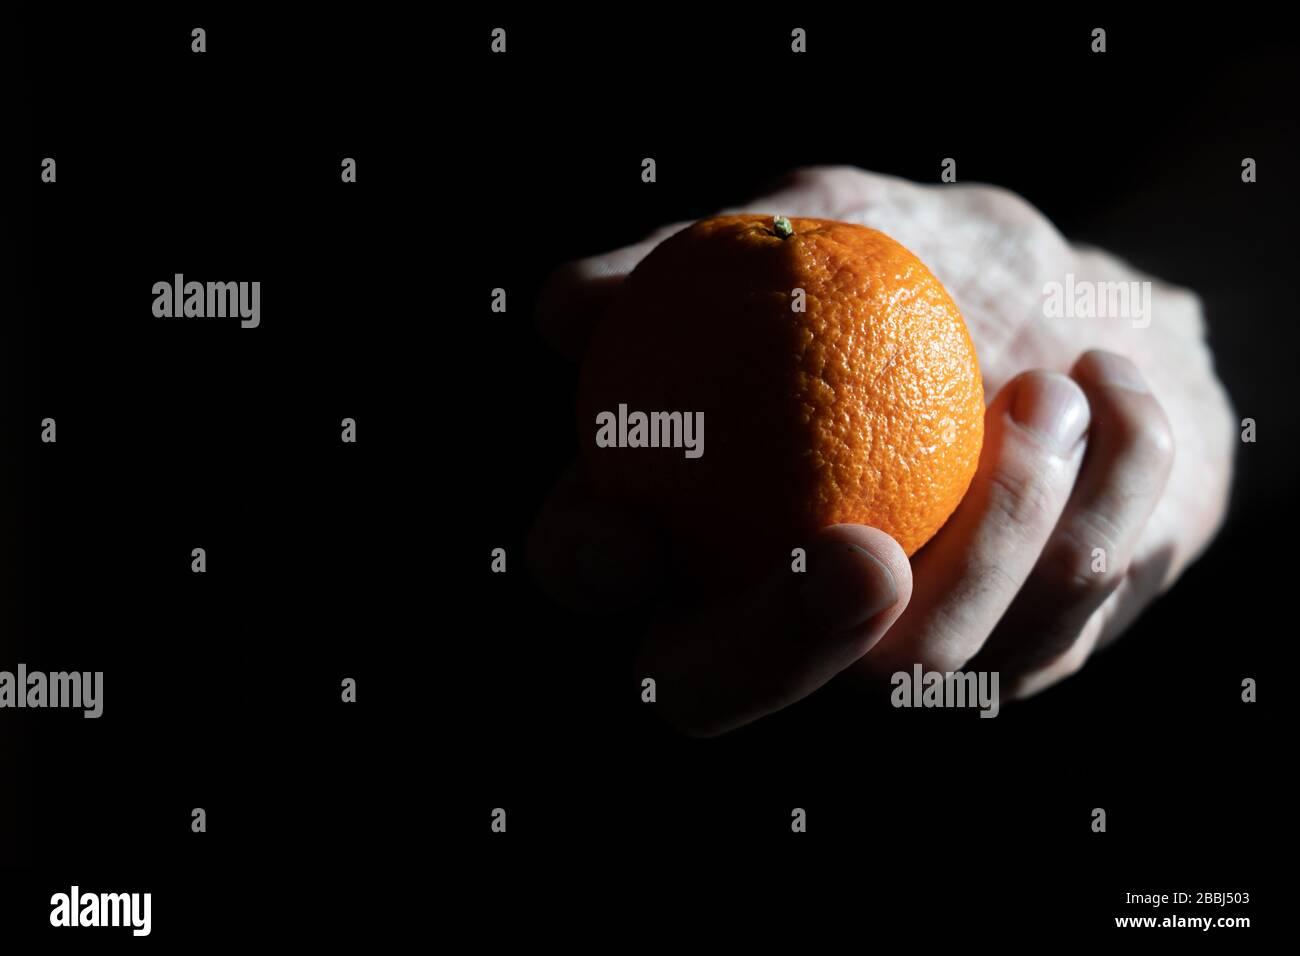 Les tangerines dans une main sur un fond sombre mandarine dans une main de l'homme sur un fond sombre. Des ombres profondes et nettes à partir d'une lumière vive Banque D'Images